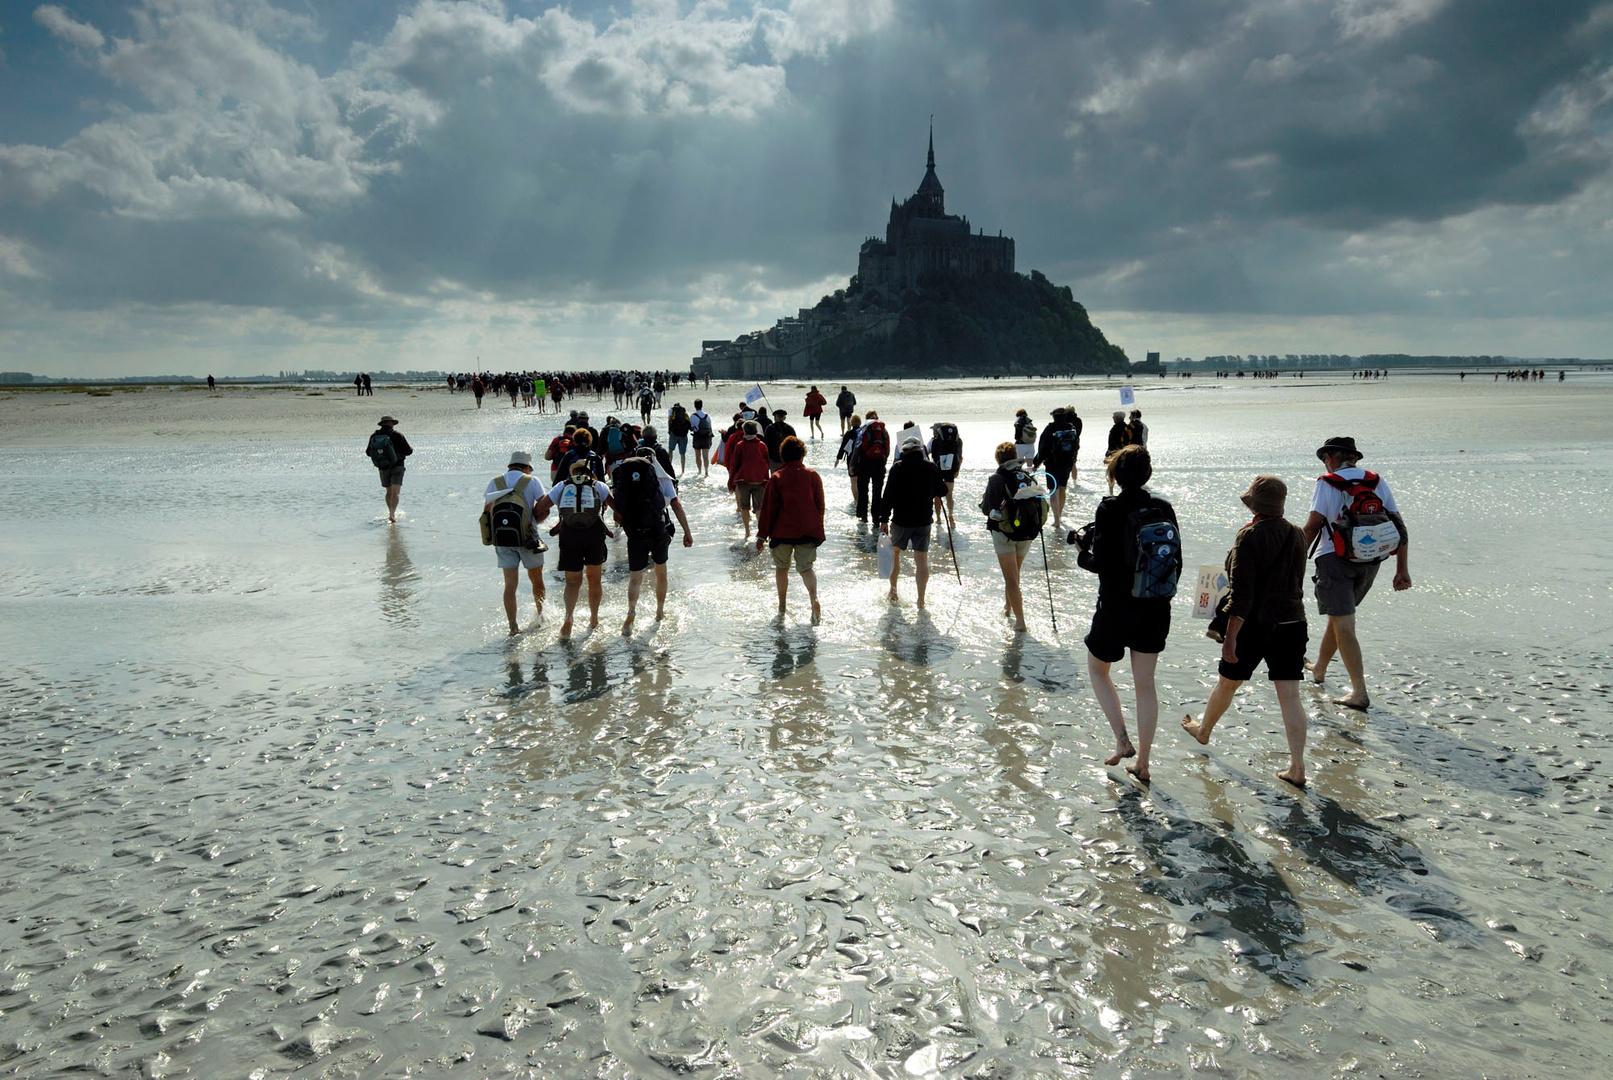 Pèlerins traversant la baie du Mont-Saint-Michel, 2008